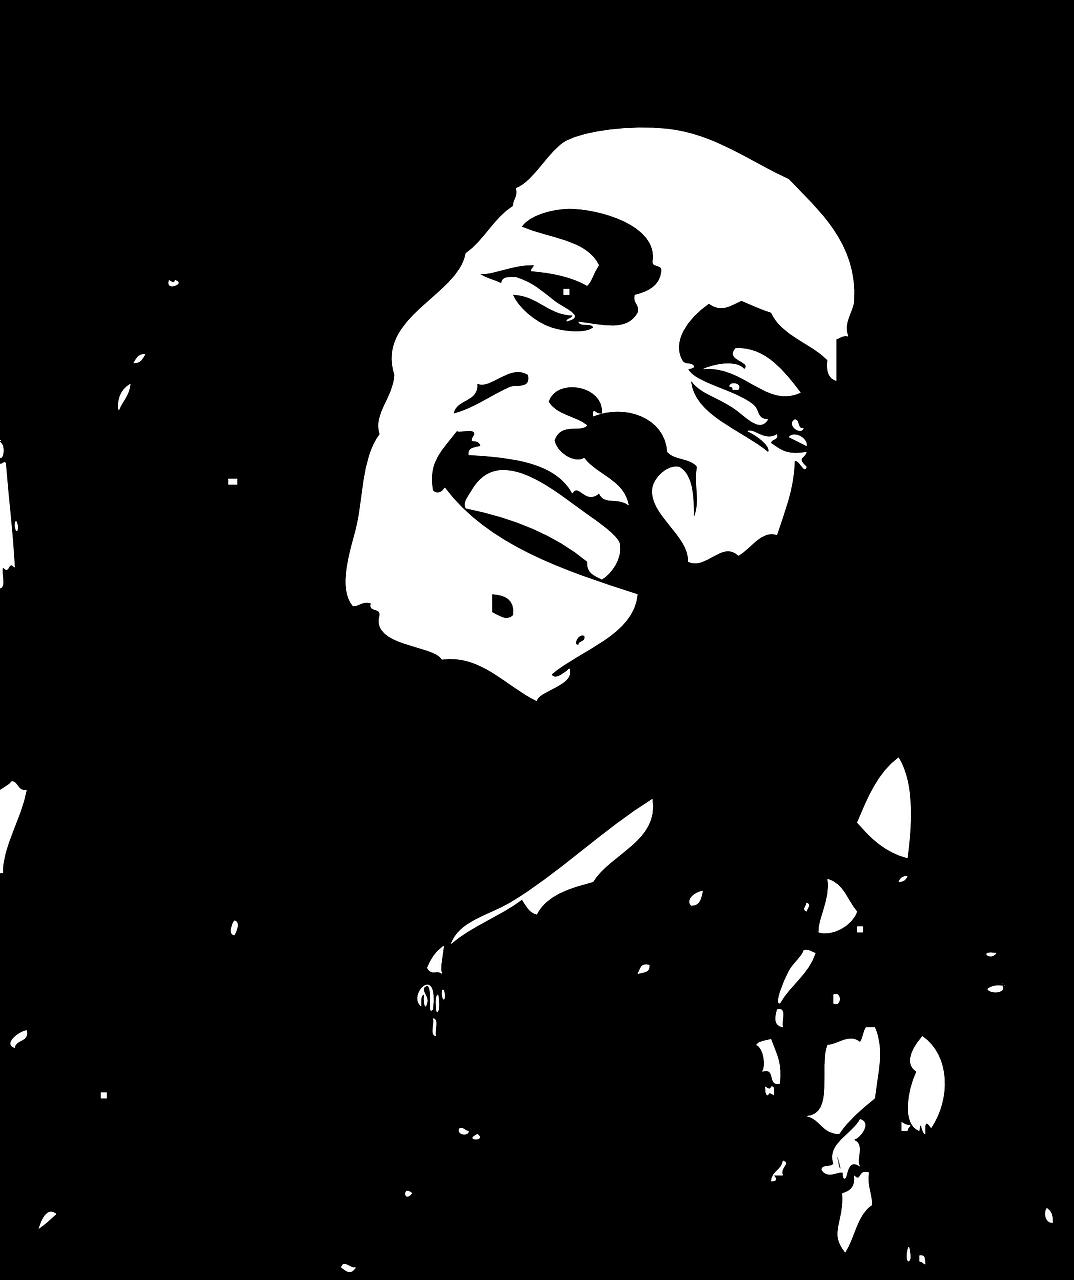 Bob Marley Png Image Bob Marley Art Bob Marley Painting Bob Marley